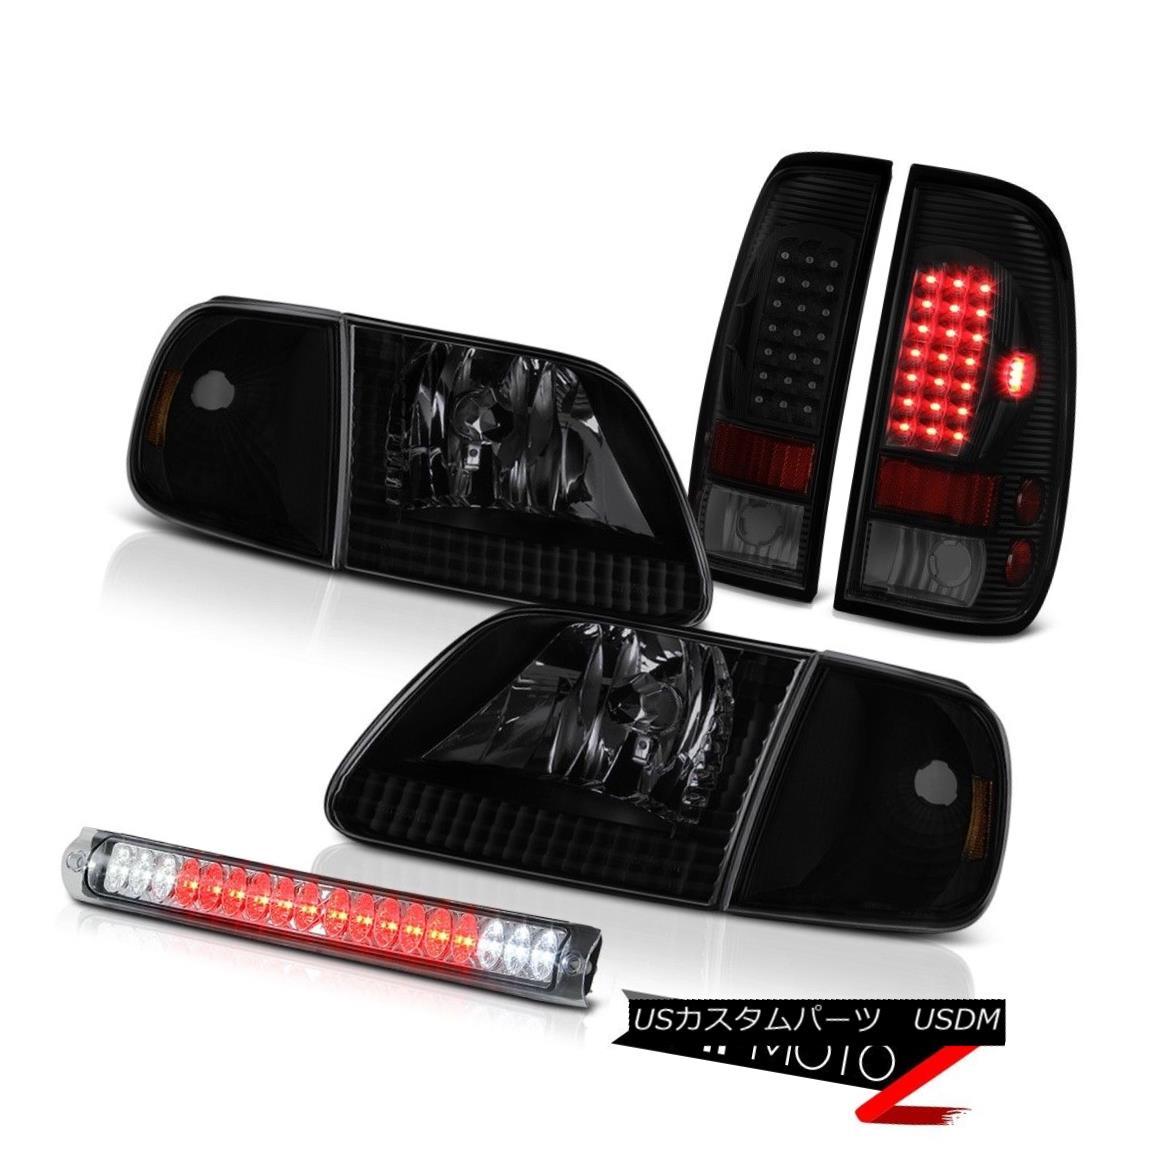 テールライト 1997-2003 F150 Xl Headlamps Clear Chrome Roof Cargo Light Parking Brake Lights 1997-2003 F150 Xlヘッドランプクリアクローム屋根カーゴライトパーキングブレーキライト